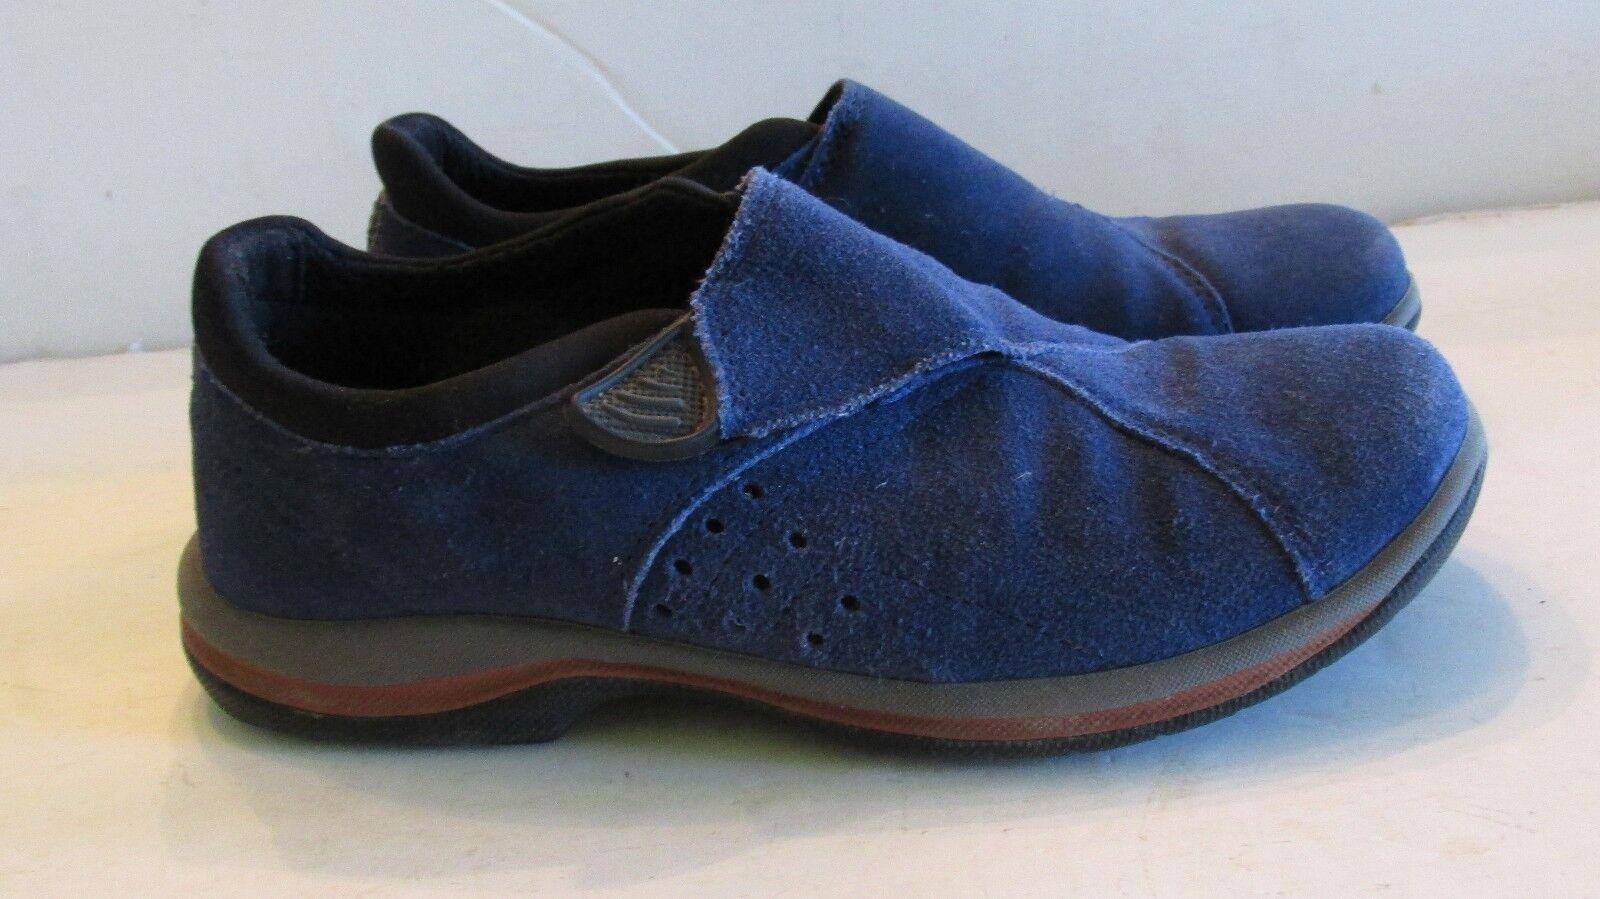 ACORN  Blue Suede Slip Ons Women's Sz  7 M Women's Ons Flats Comfort 9221bf